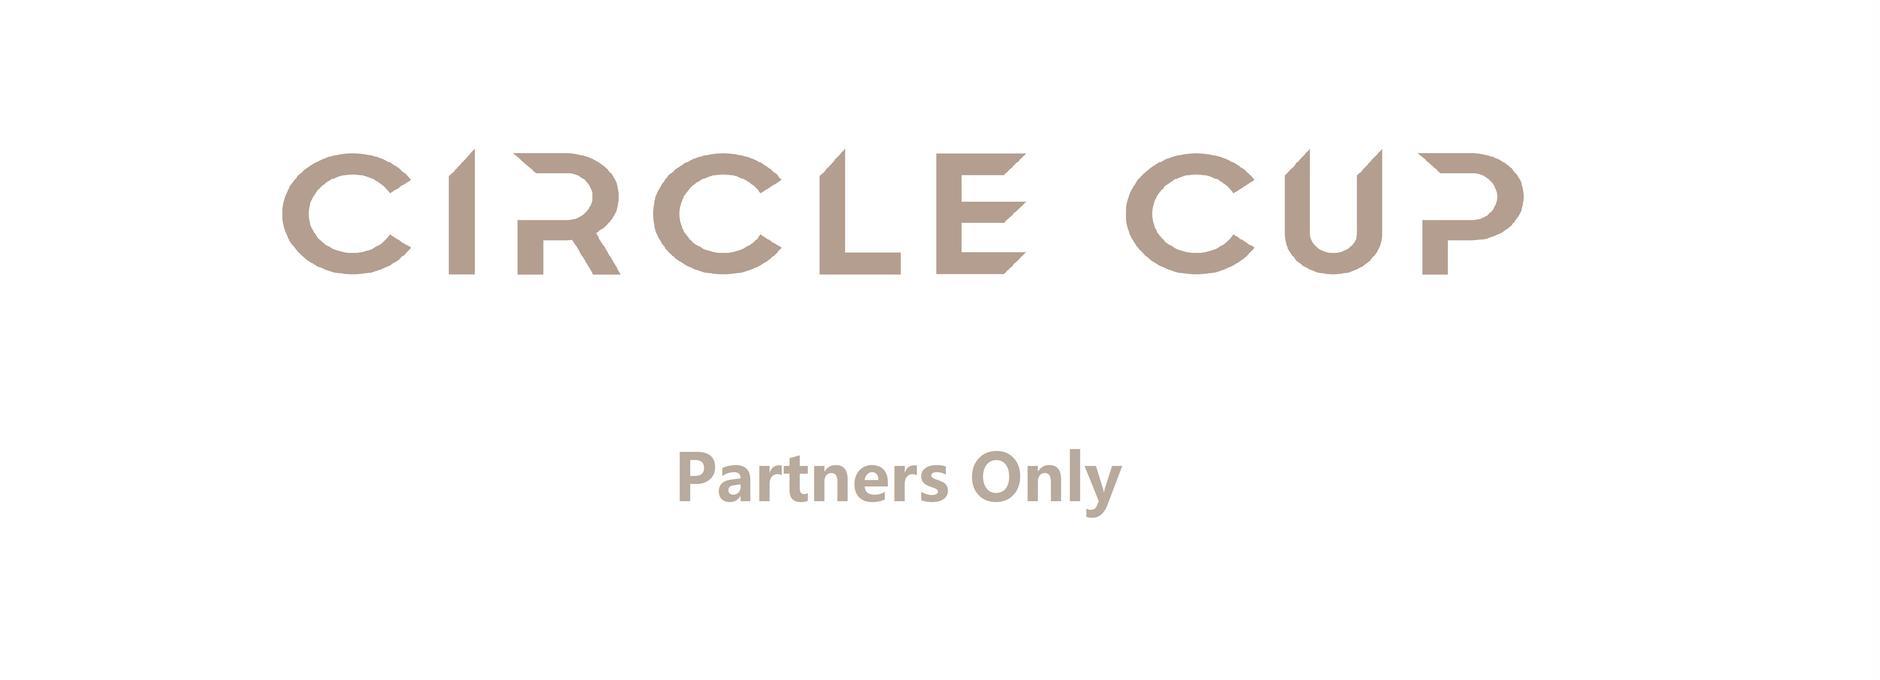 CIRCLE CUP